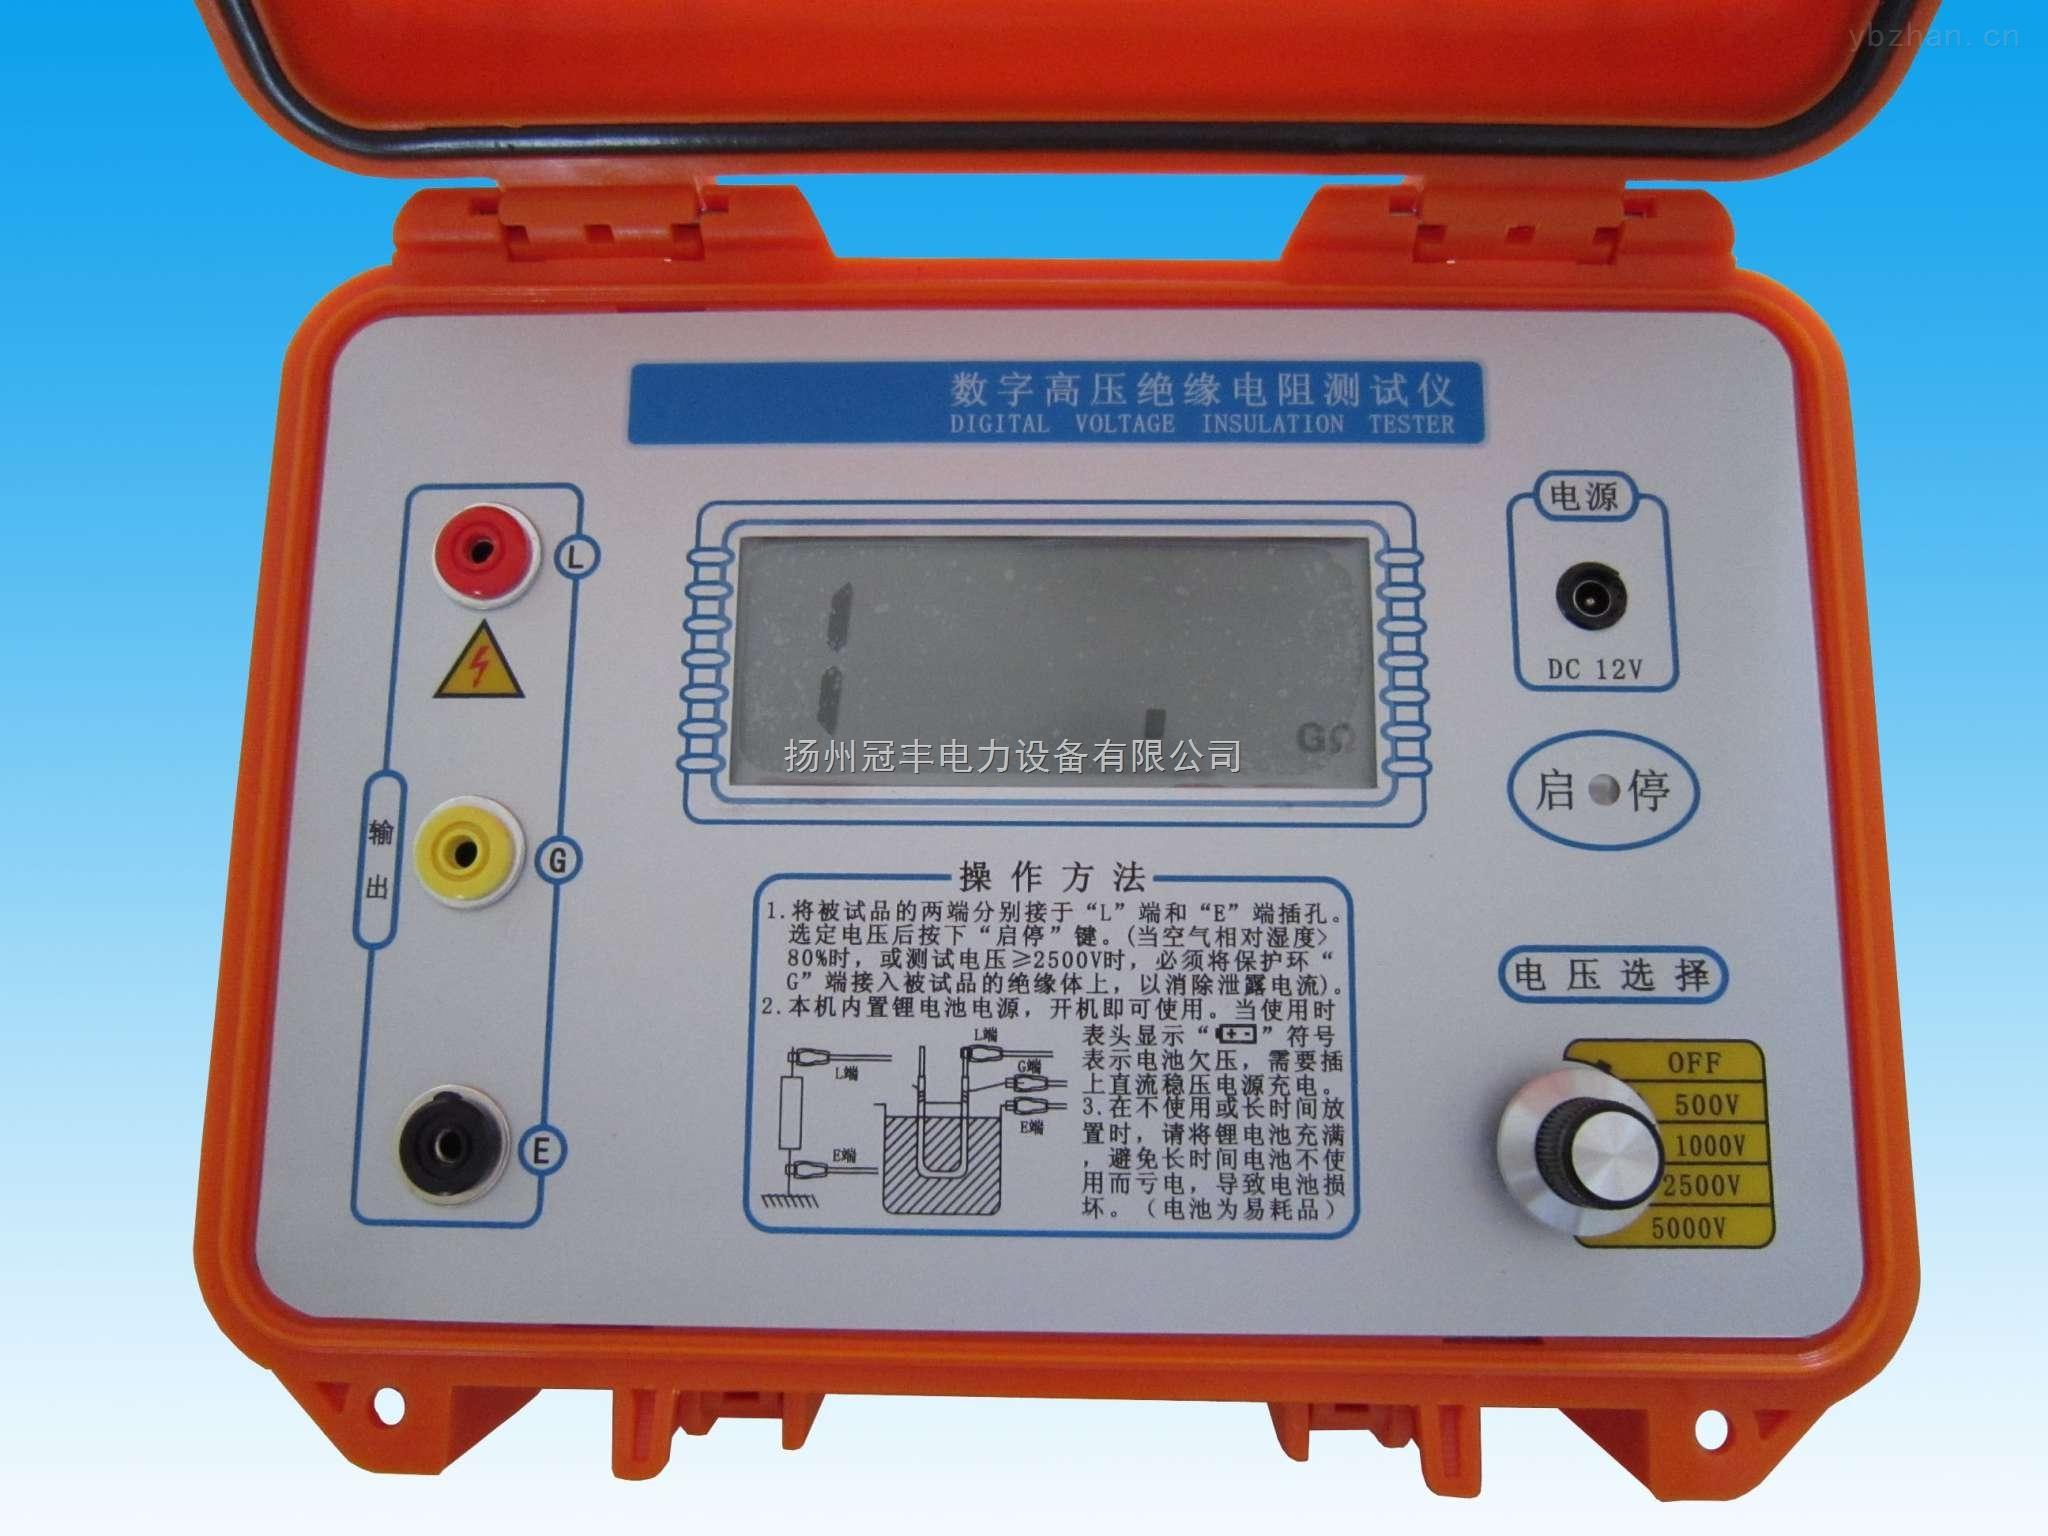 高压绝缘电阻测试仪产品参数